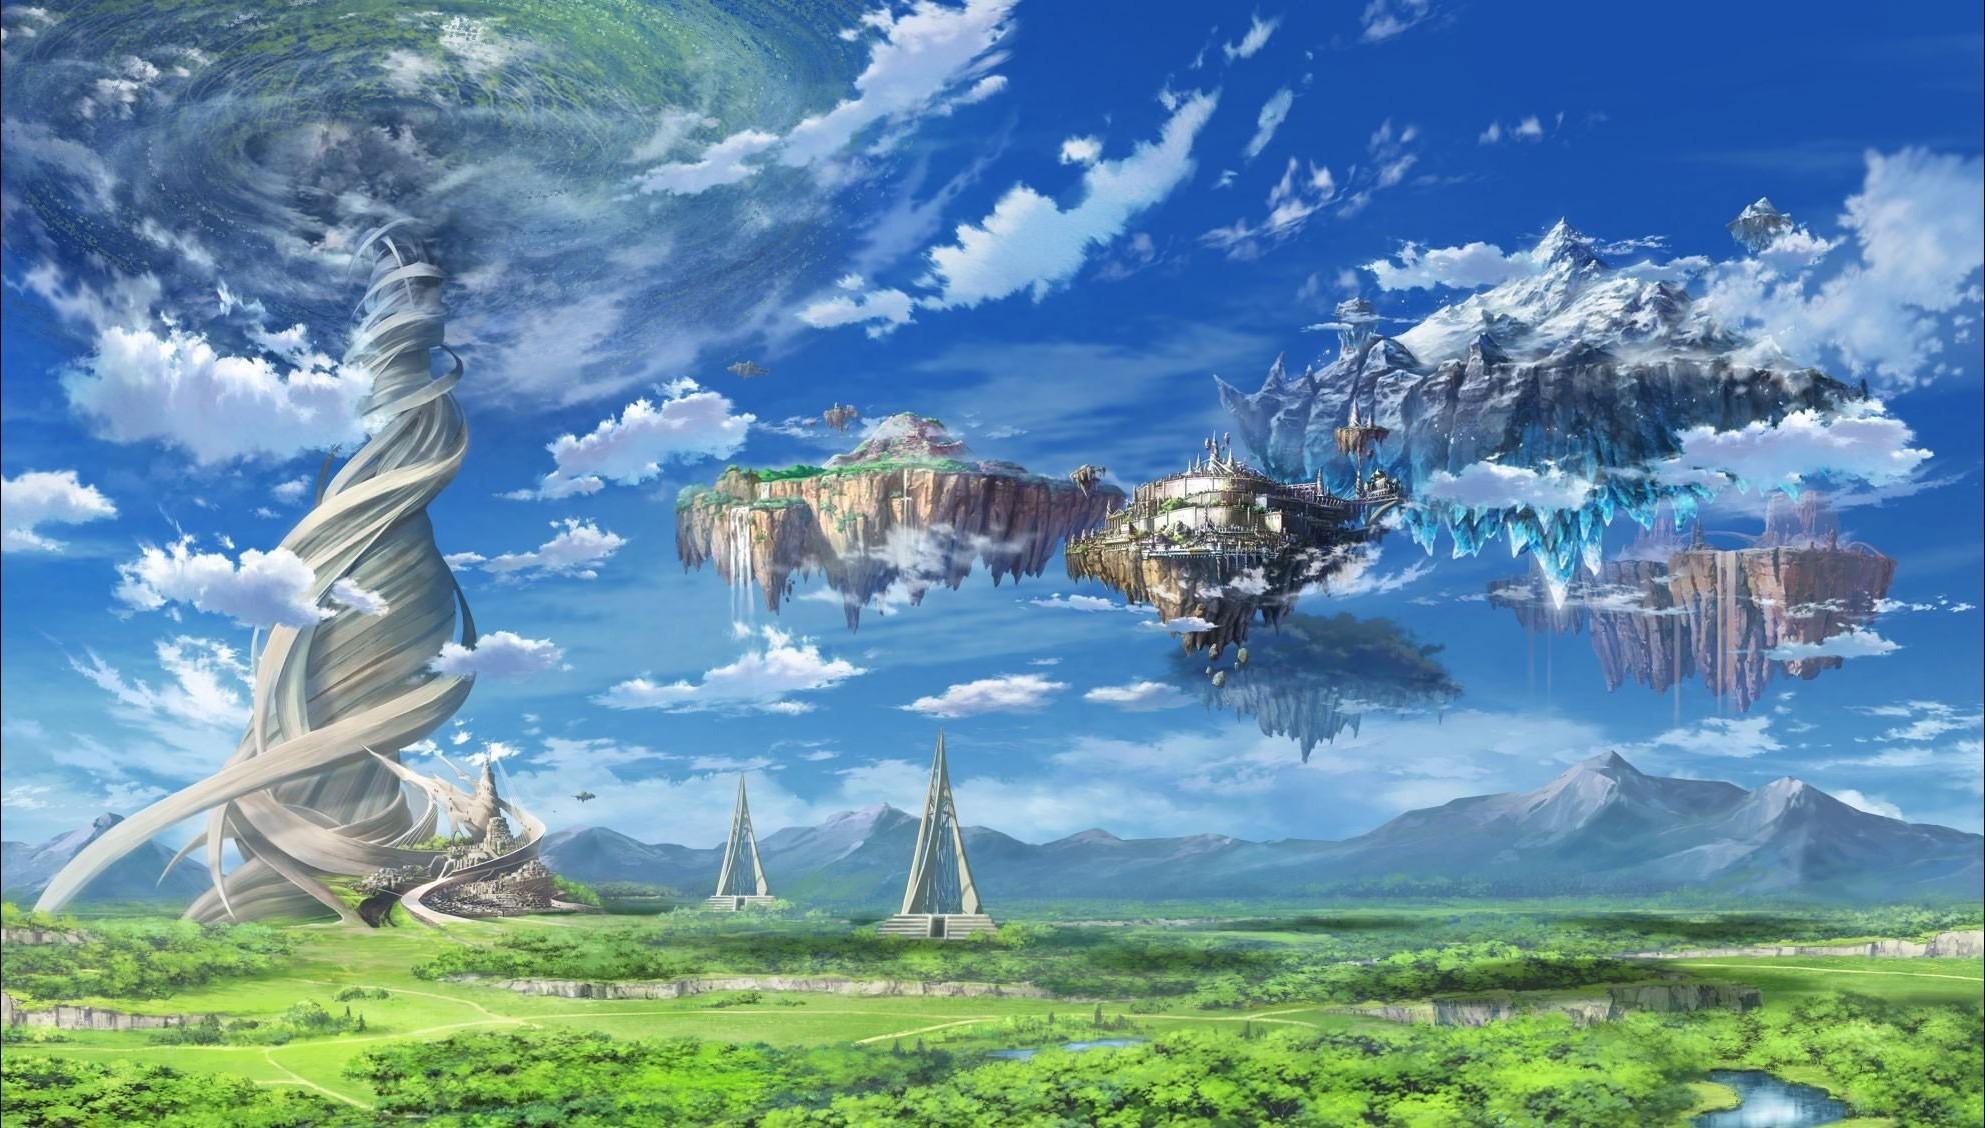 anime, Sword Art Online, Alfheim Online Wallpapers HD / Desktop and Mobile  Backgrounds